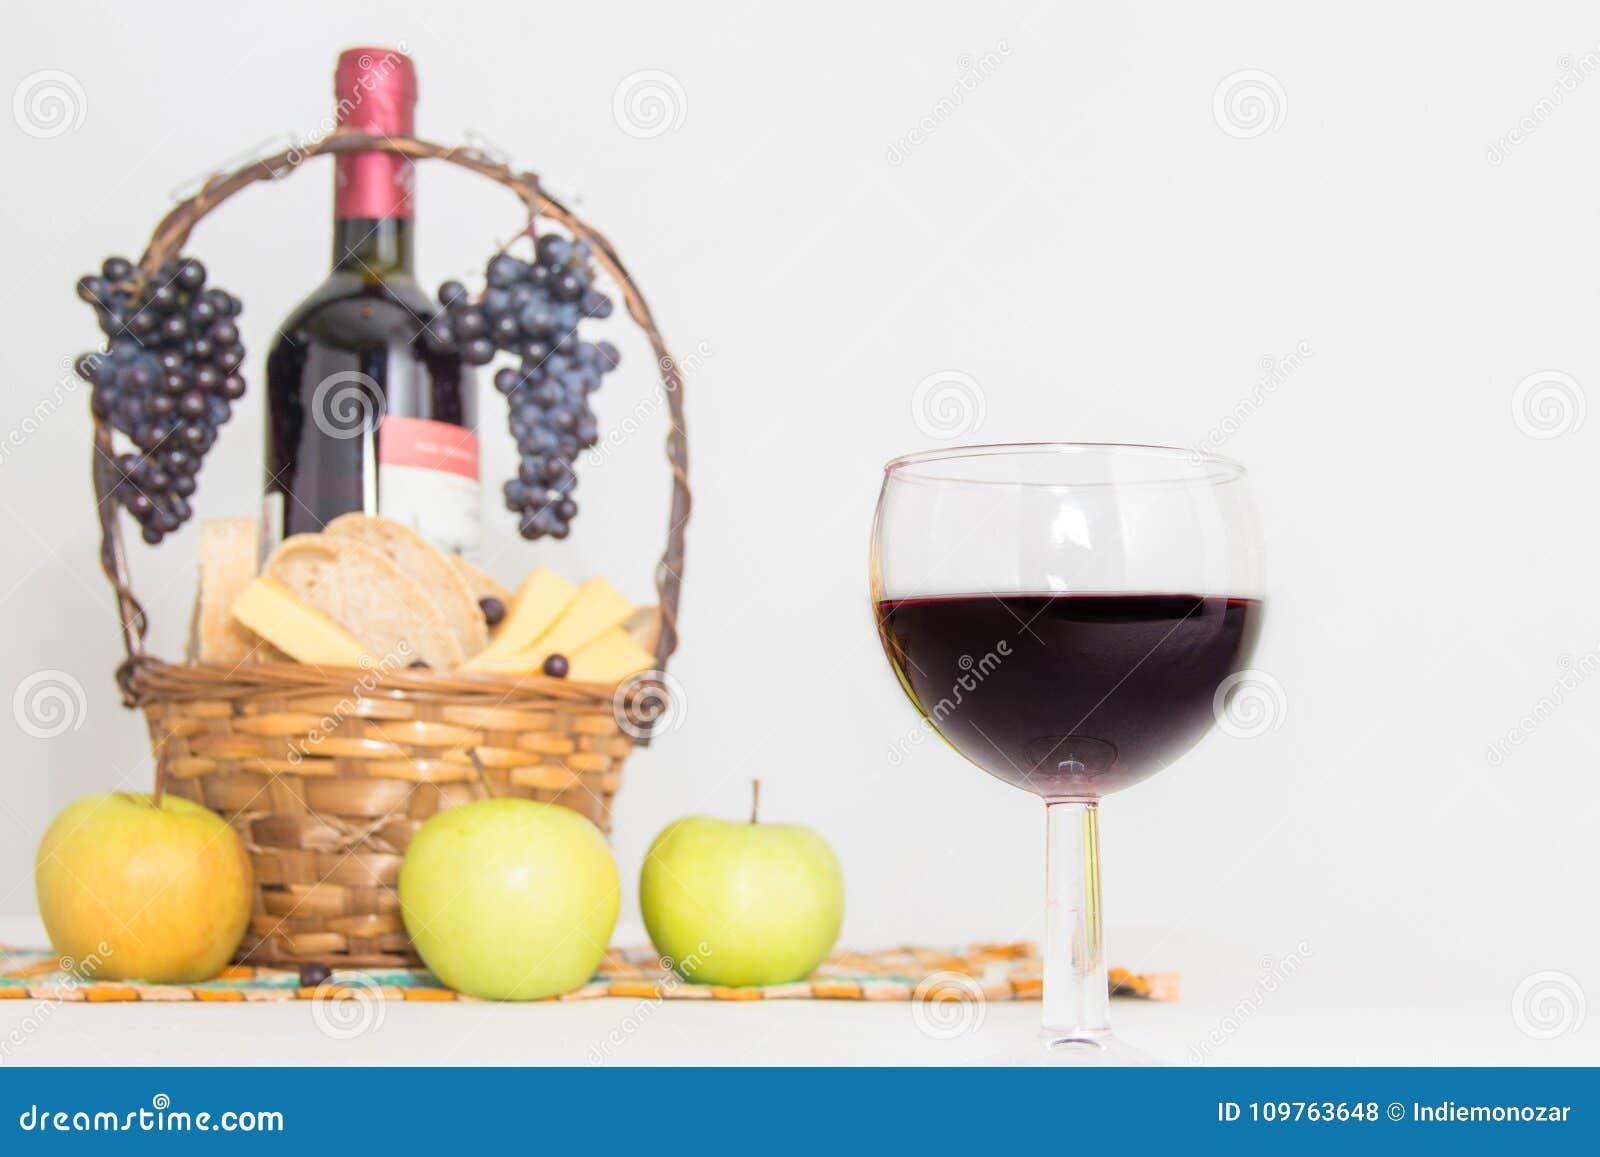 Abstraktes Bild eines Glases Weins Eine Flasche des Rotweins, der Trauben und des Picknickkorbes mit Käse und Brotscheiben